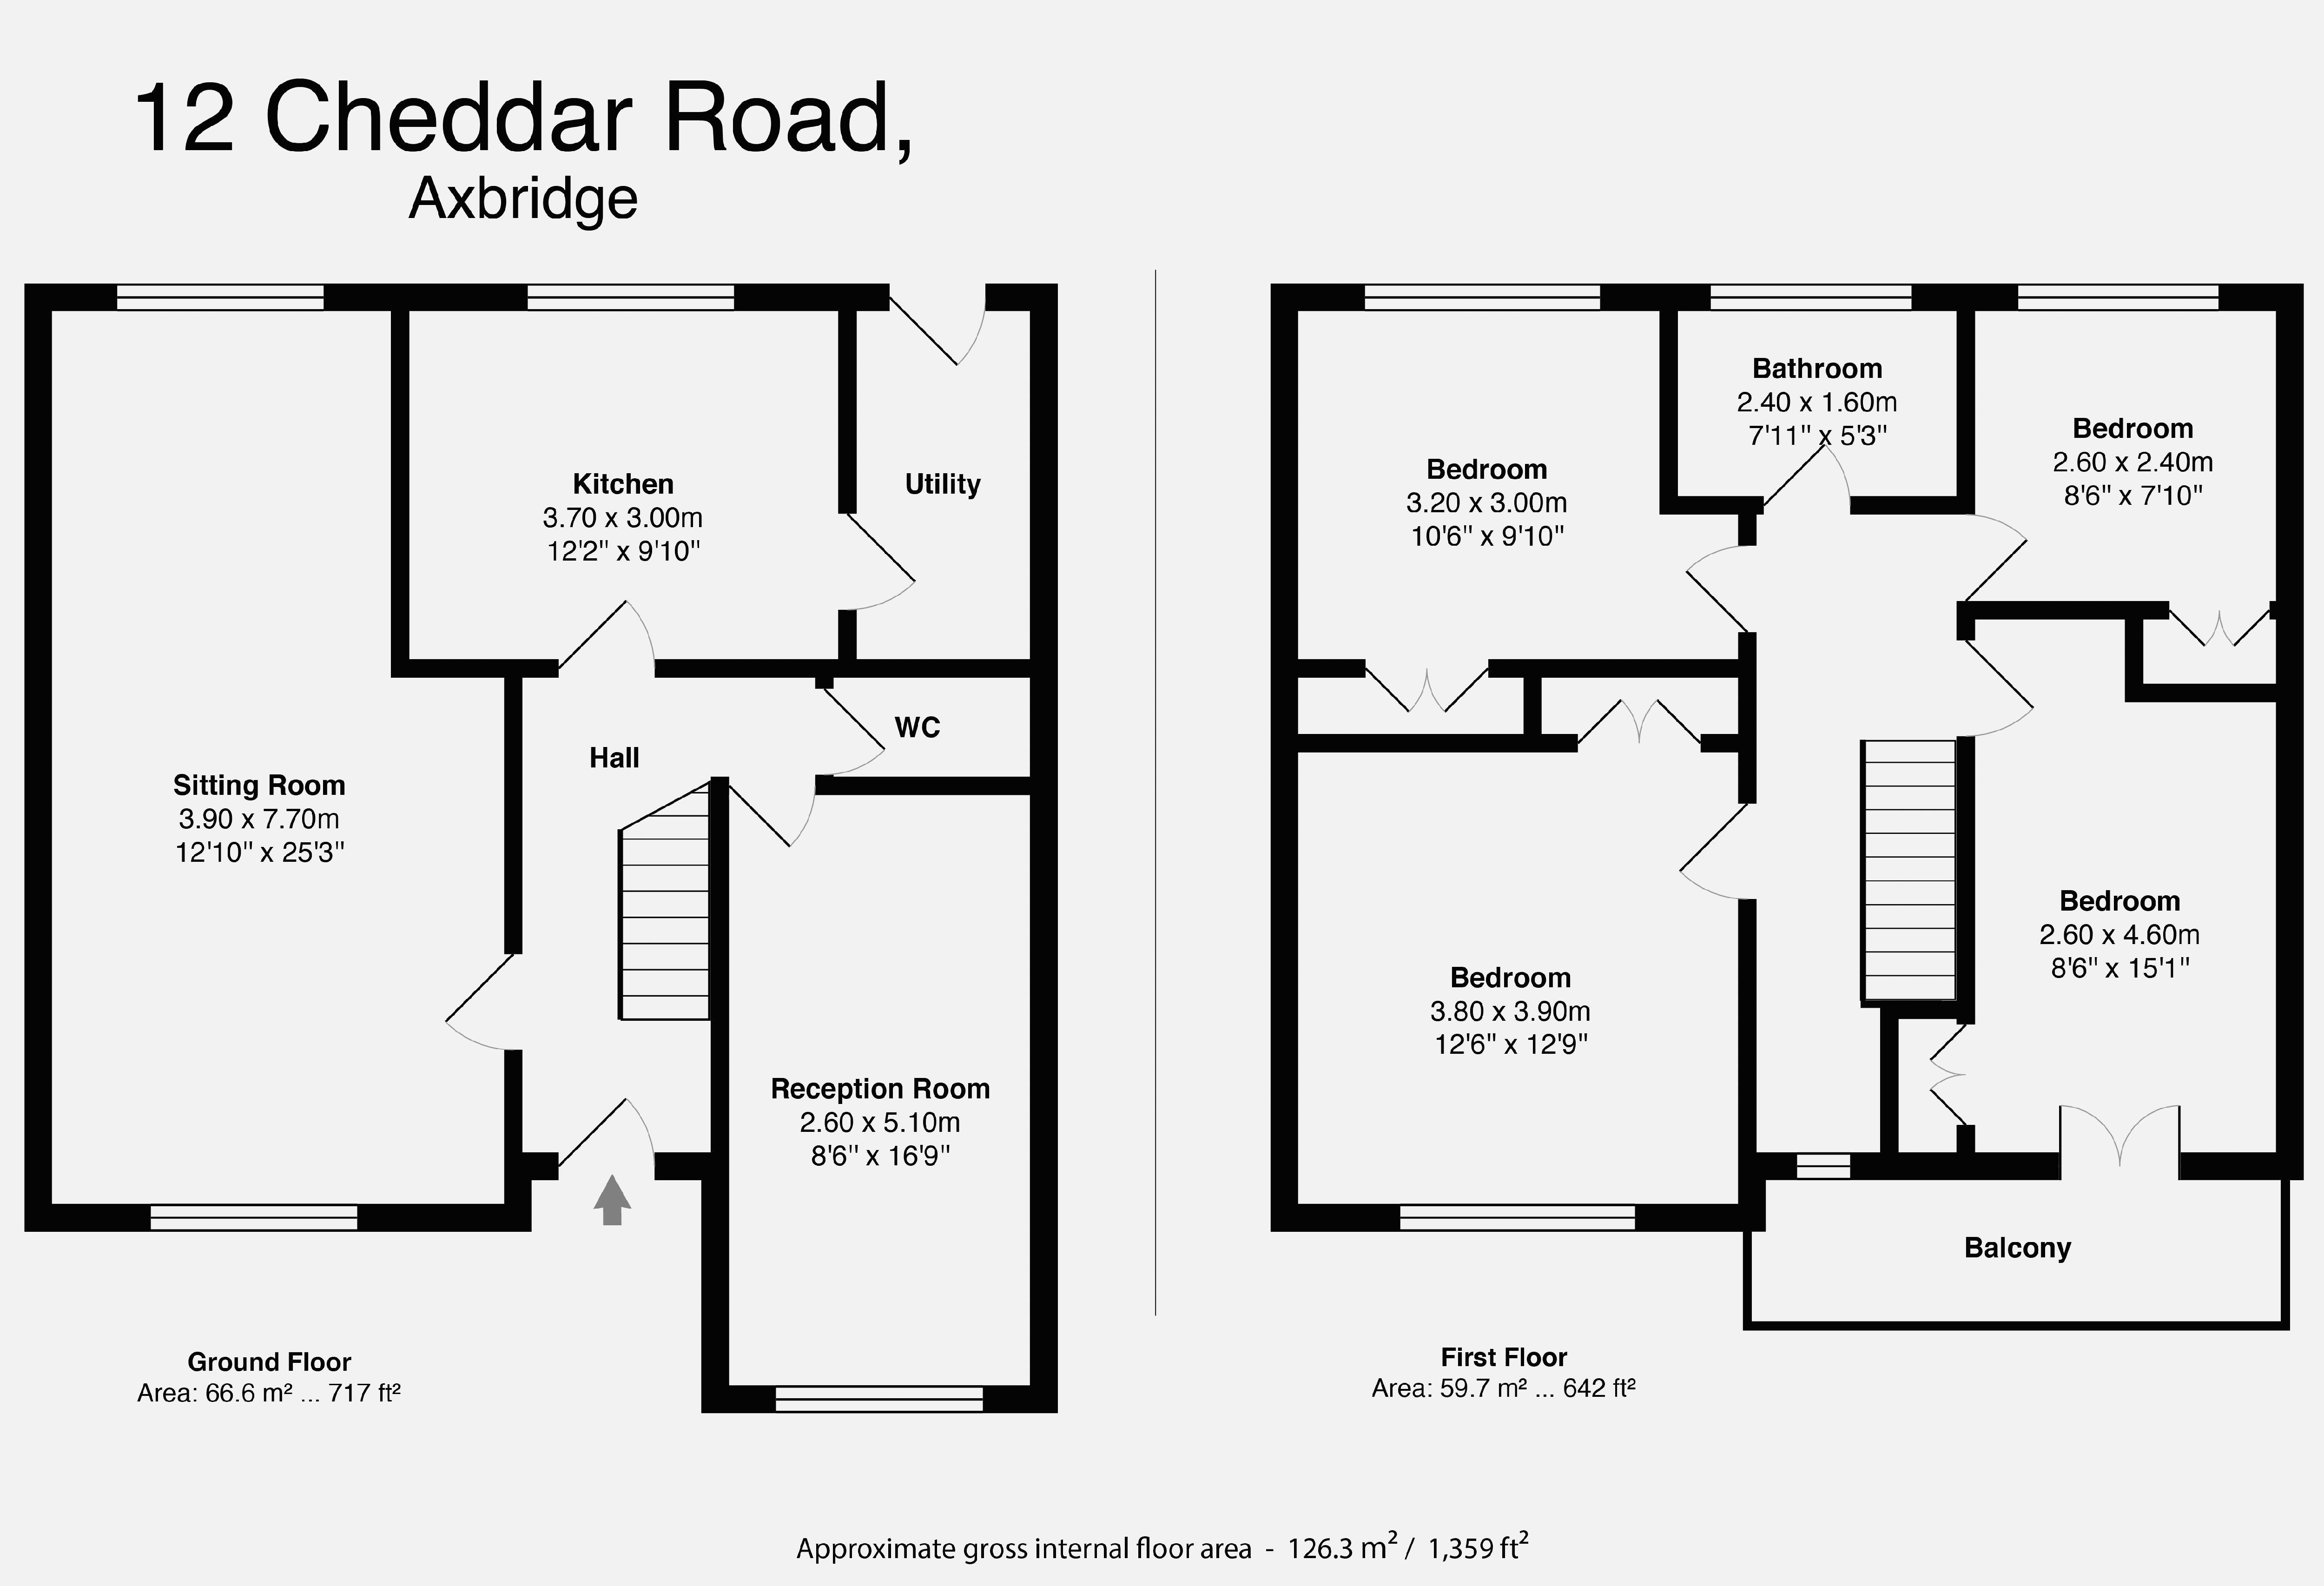 Cheddar Road